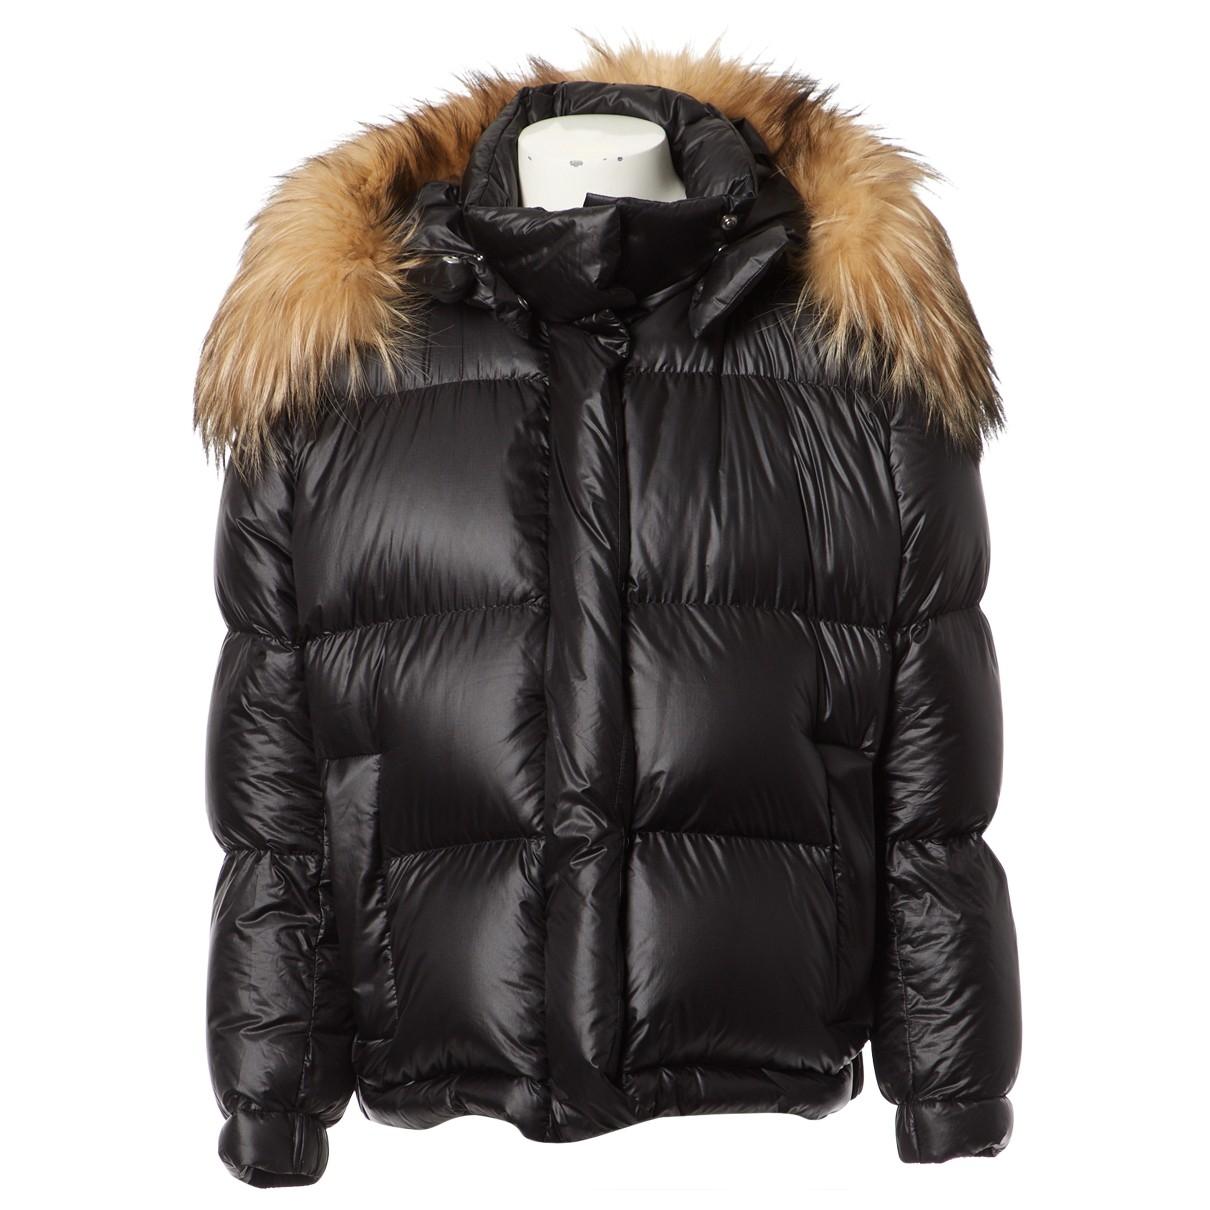 Prada \N Black coat for Women 38 IT